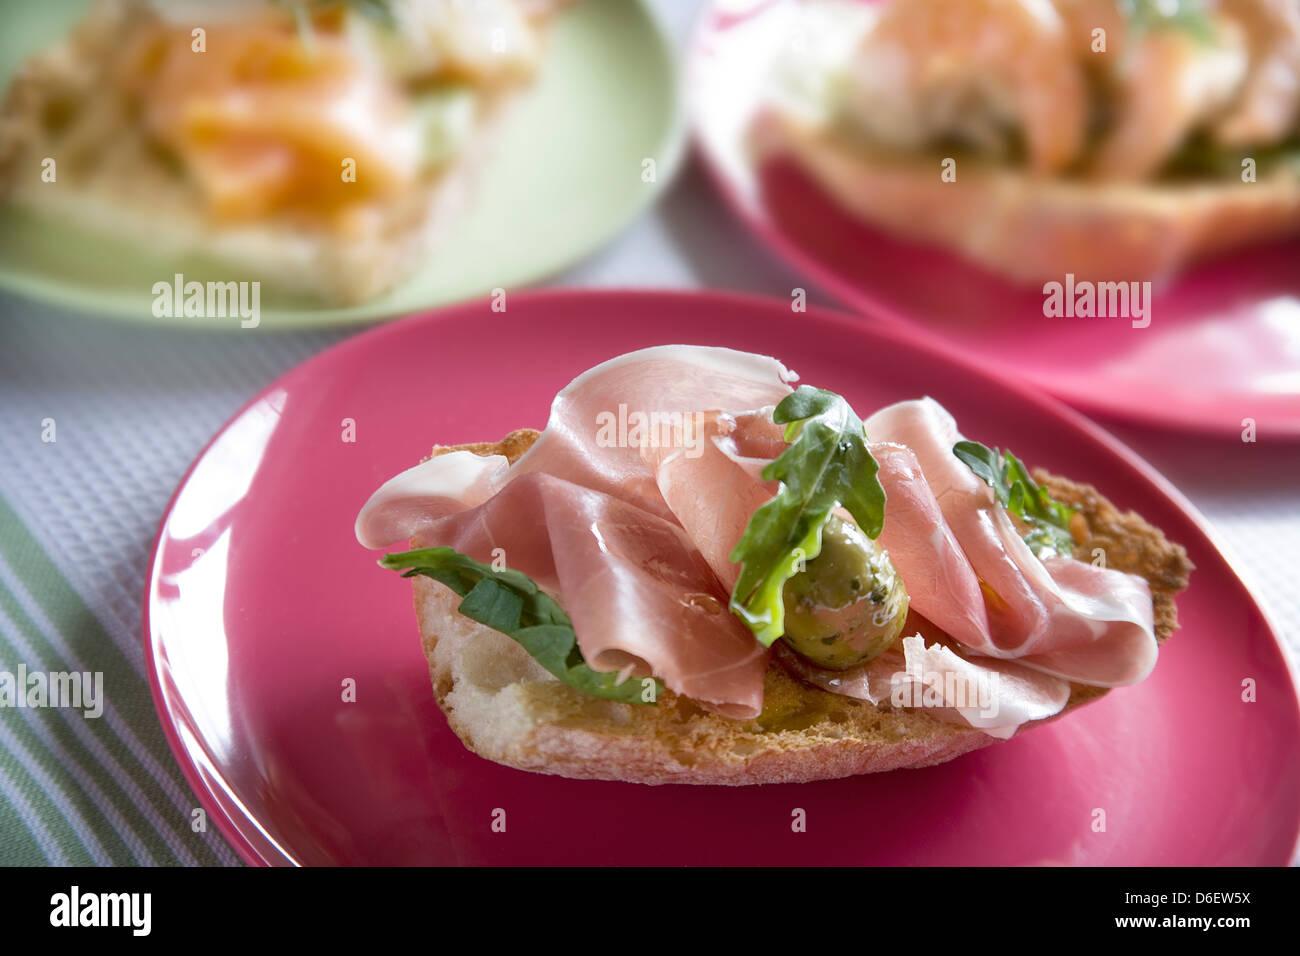 Pan rústico tostado y rematada con finas lonchas de jamón, aceitunas verdes y rúcula Imagen De Stock